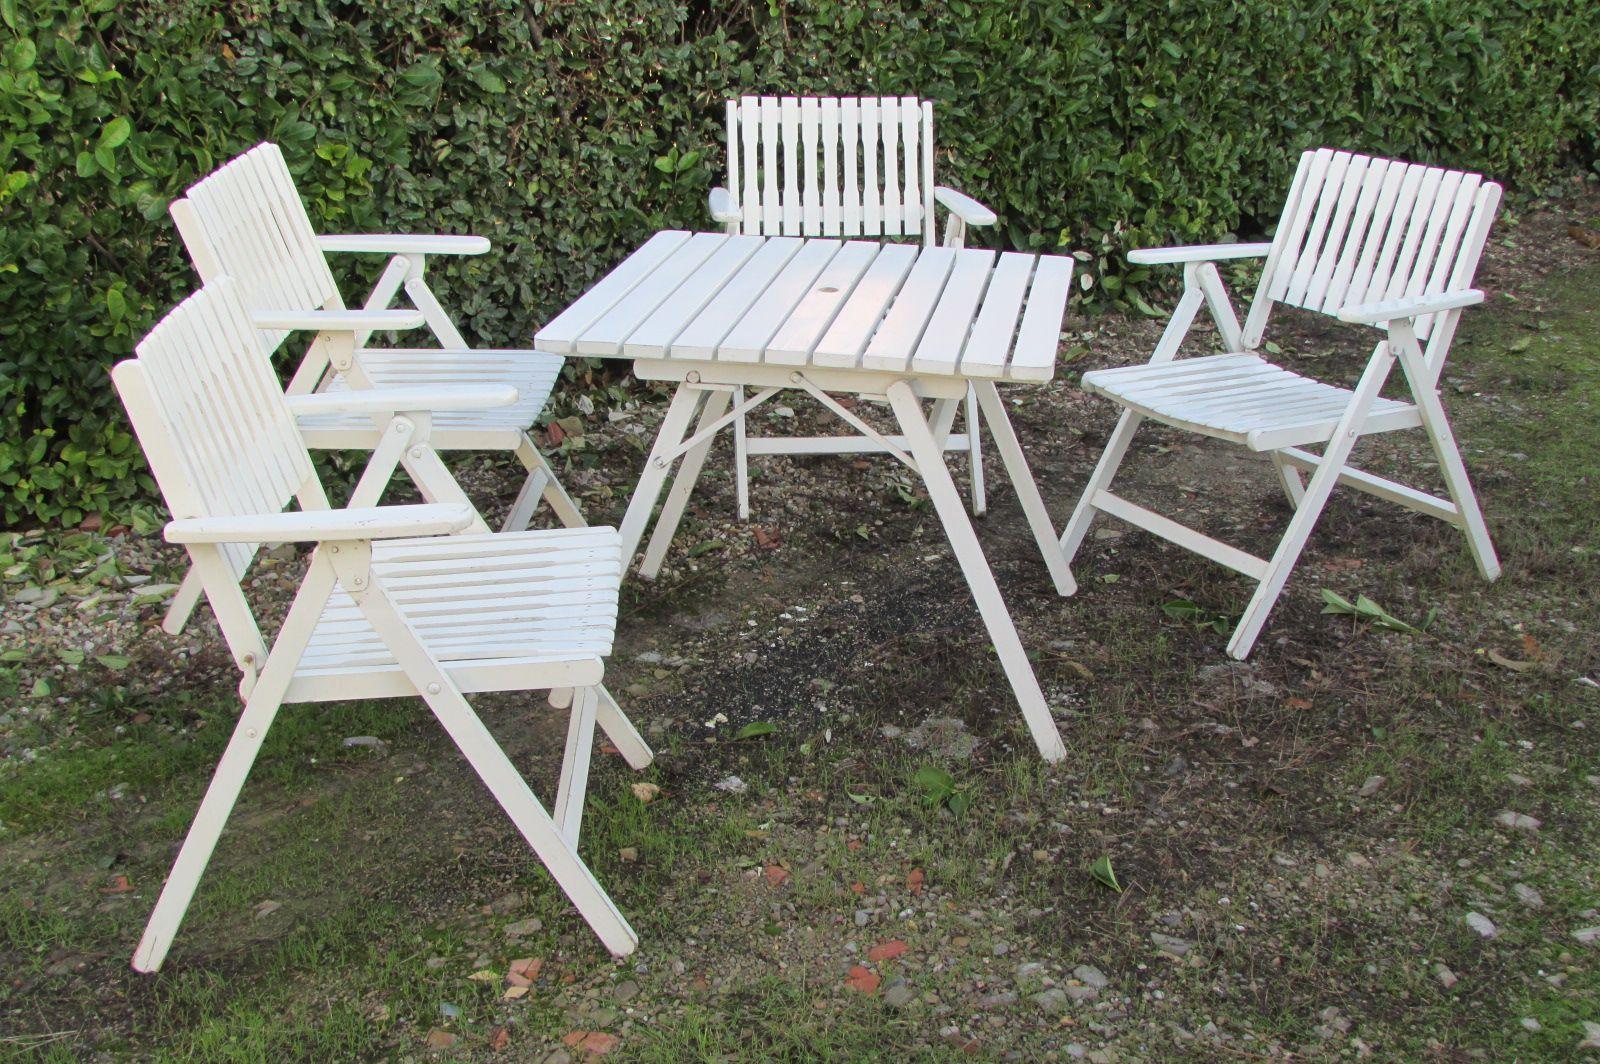 Klappbare Gartensitzgruppe aus Holz von R. Gleyzes, 1950er